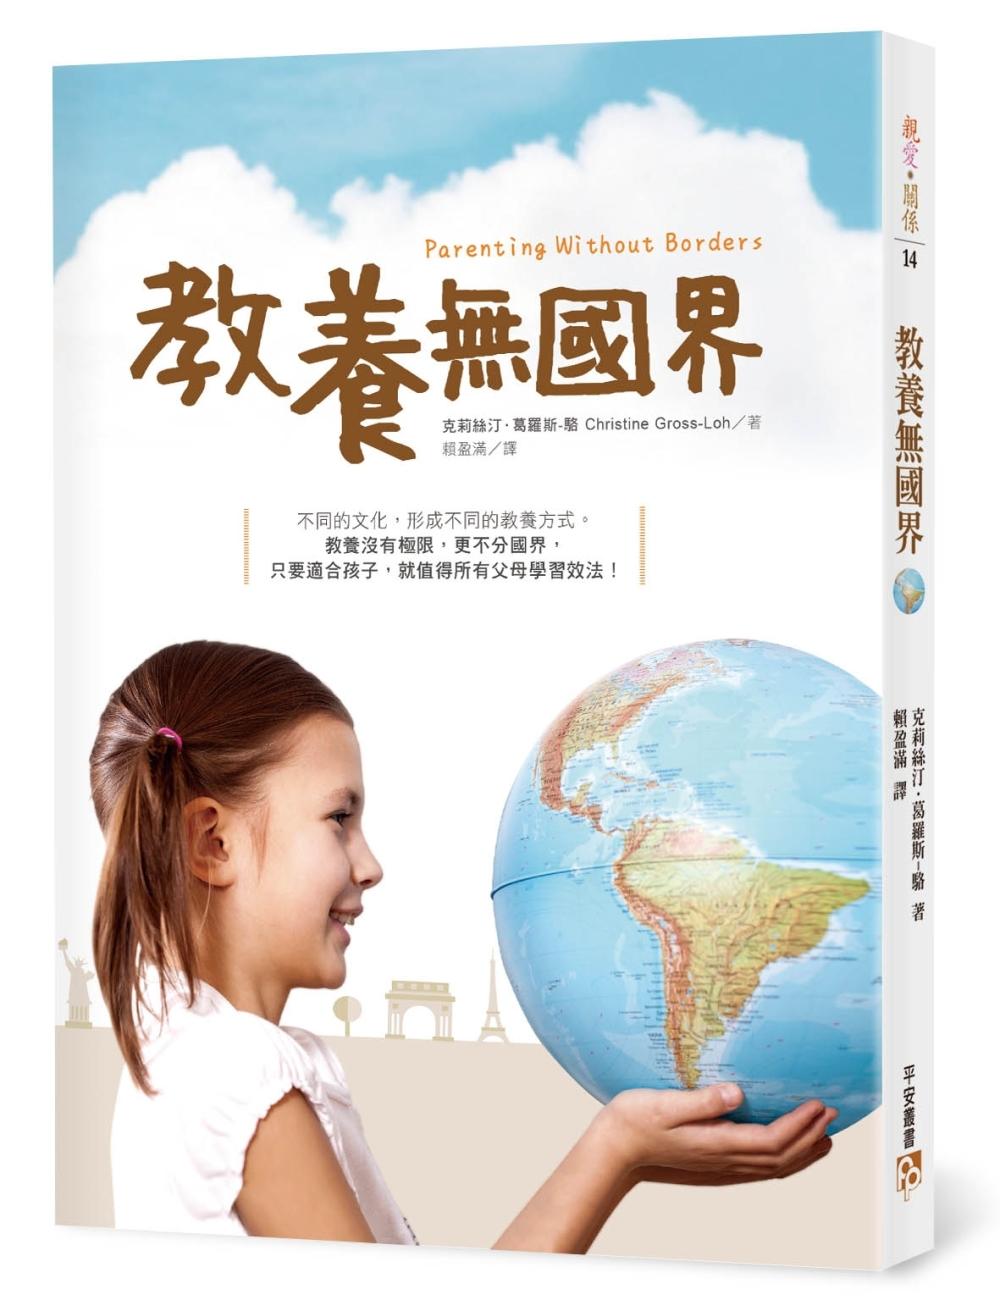 教養無國界:芬蘭、瑞典、德國、法國、日本、義大利……的父母,如何教出優秀的孩子?教養要有國際觀,孩子才有競爭力!